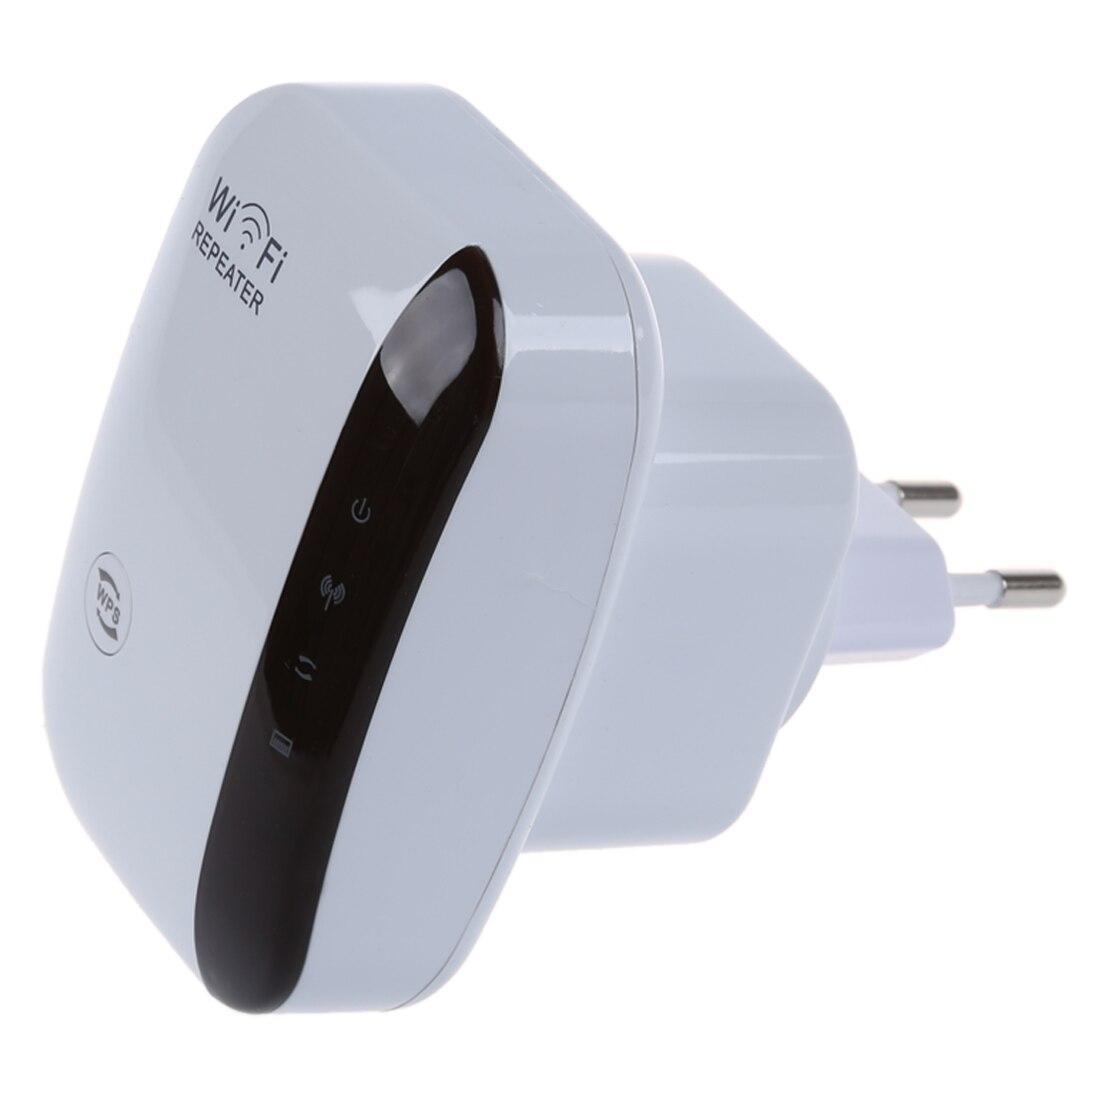 Gamme Routeur Sans Fil-N Wifi Répéteur 802.11N 300 Mbps réseau L'UE Expander Plug Blanc